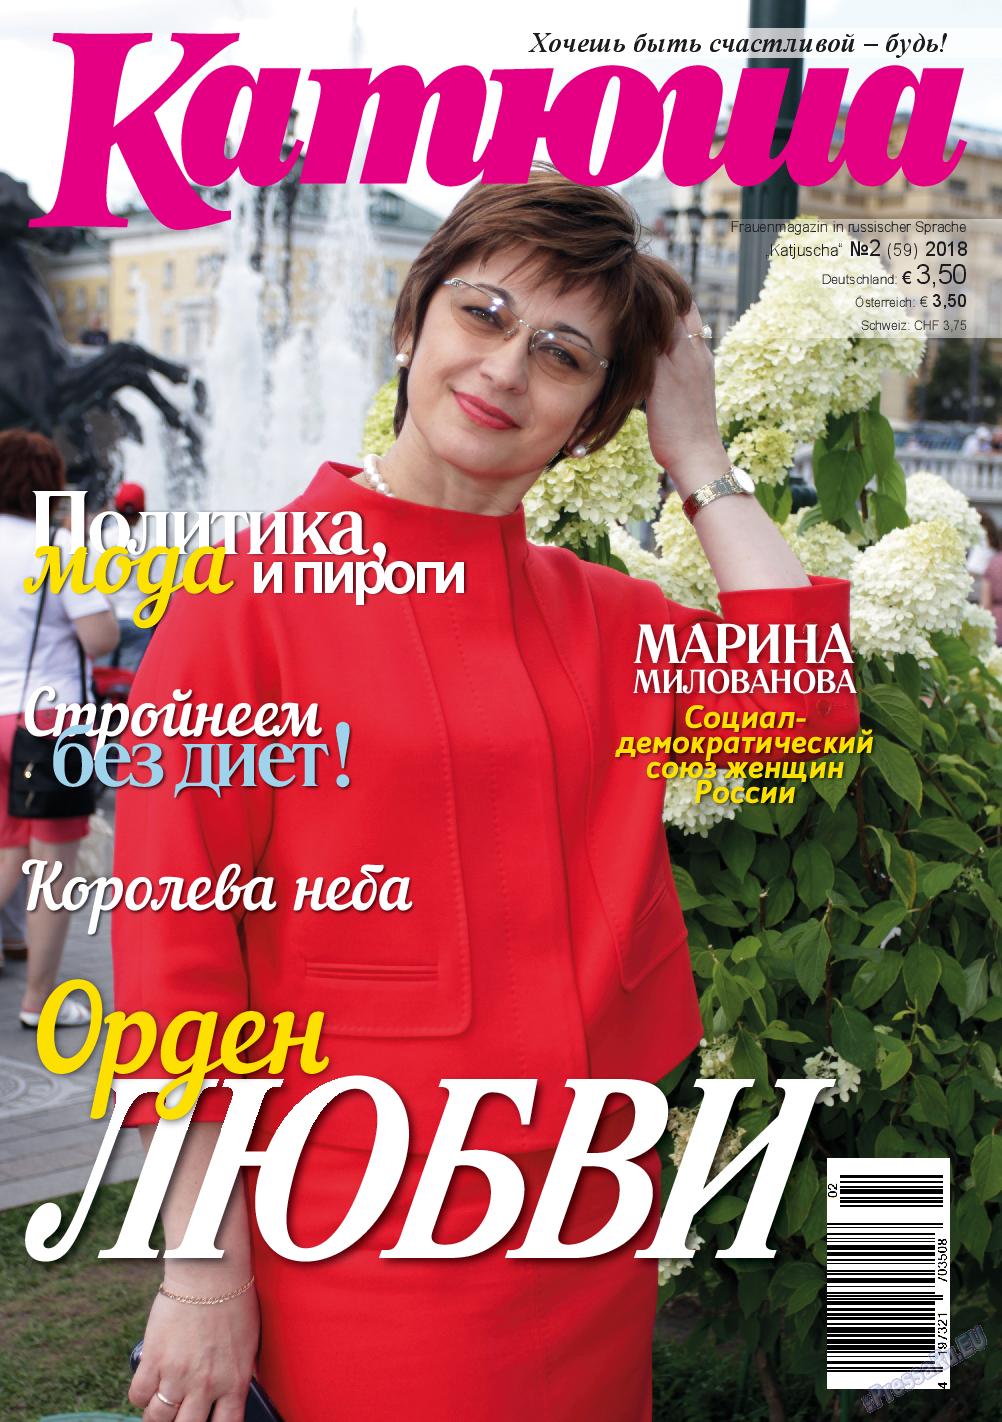 Катюша (журнал). 2018 год, номер 59, стр. 1